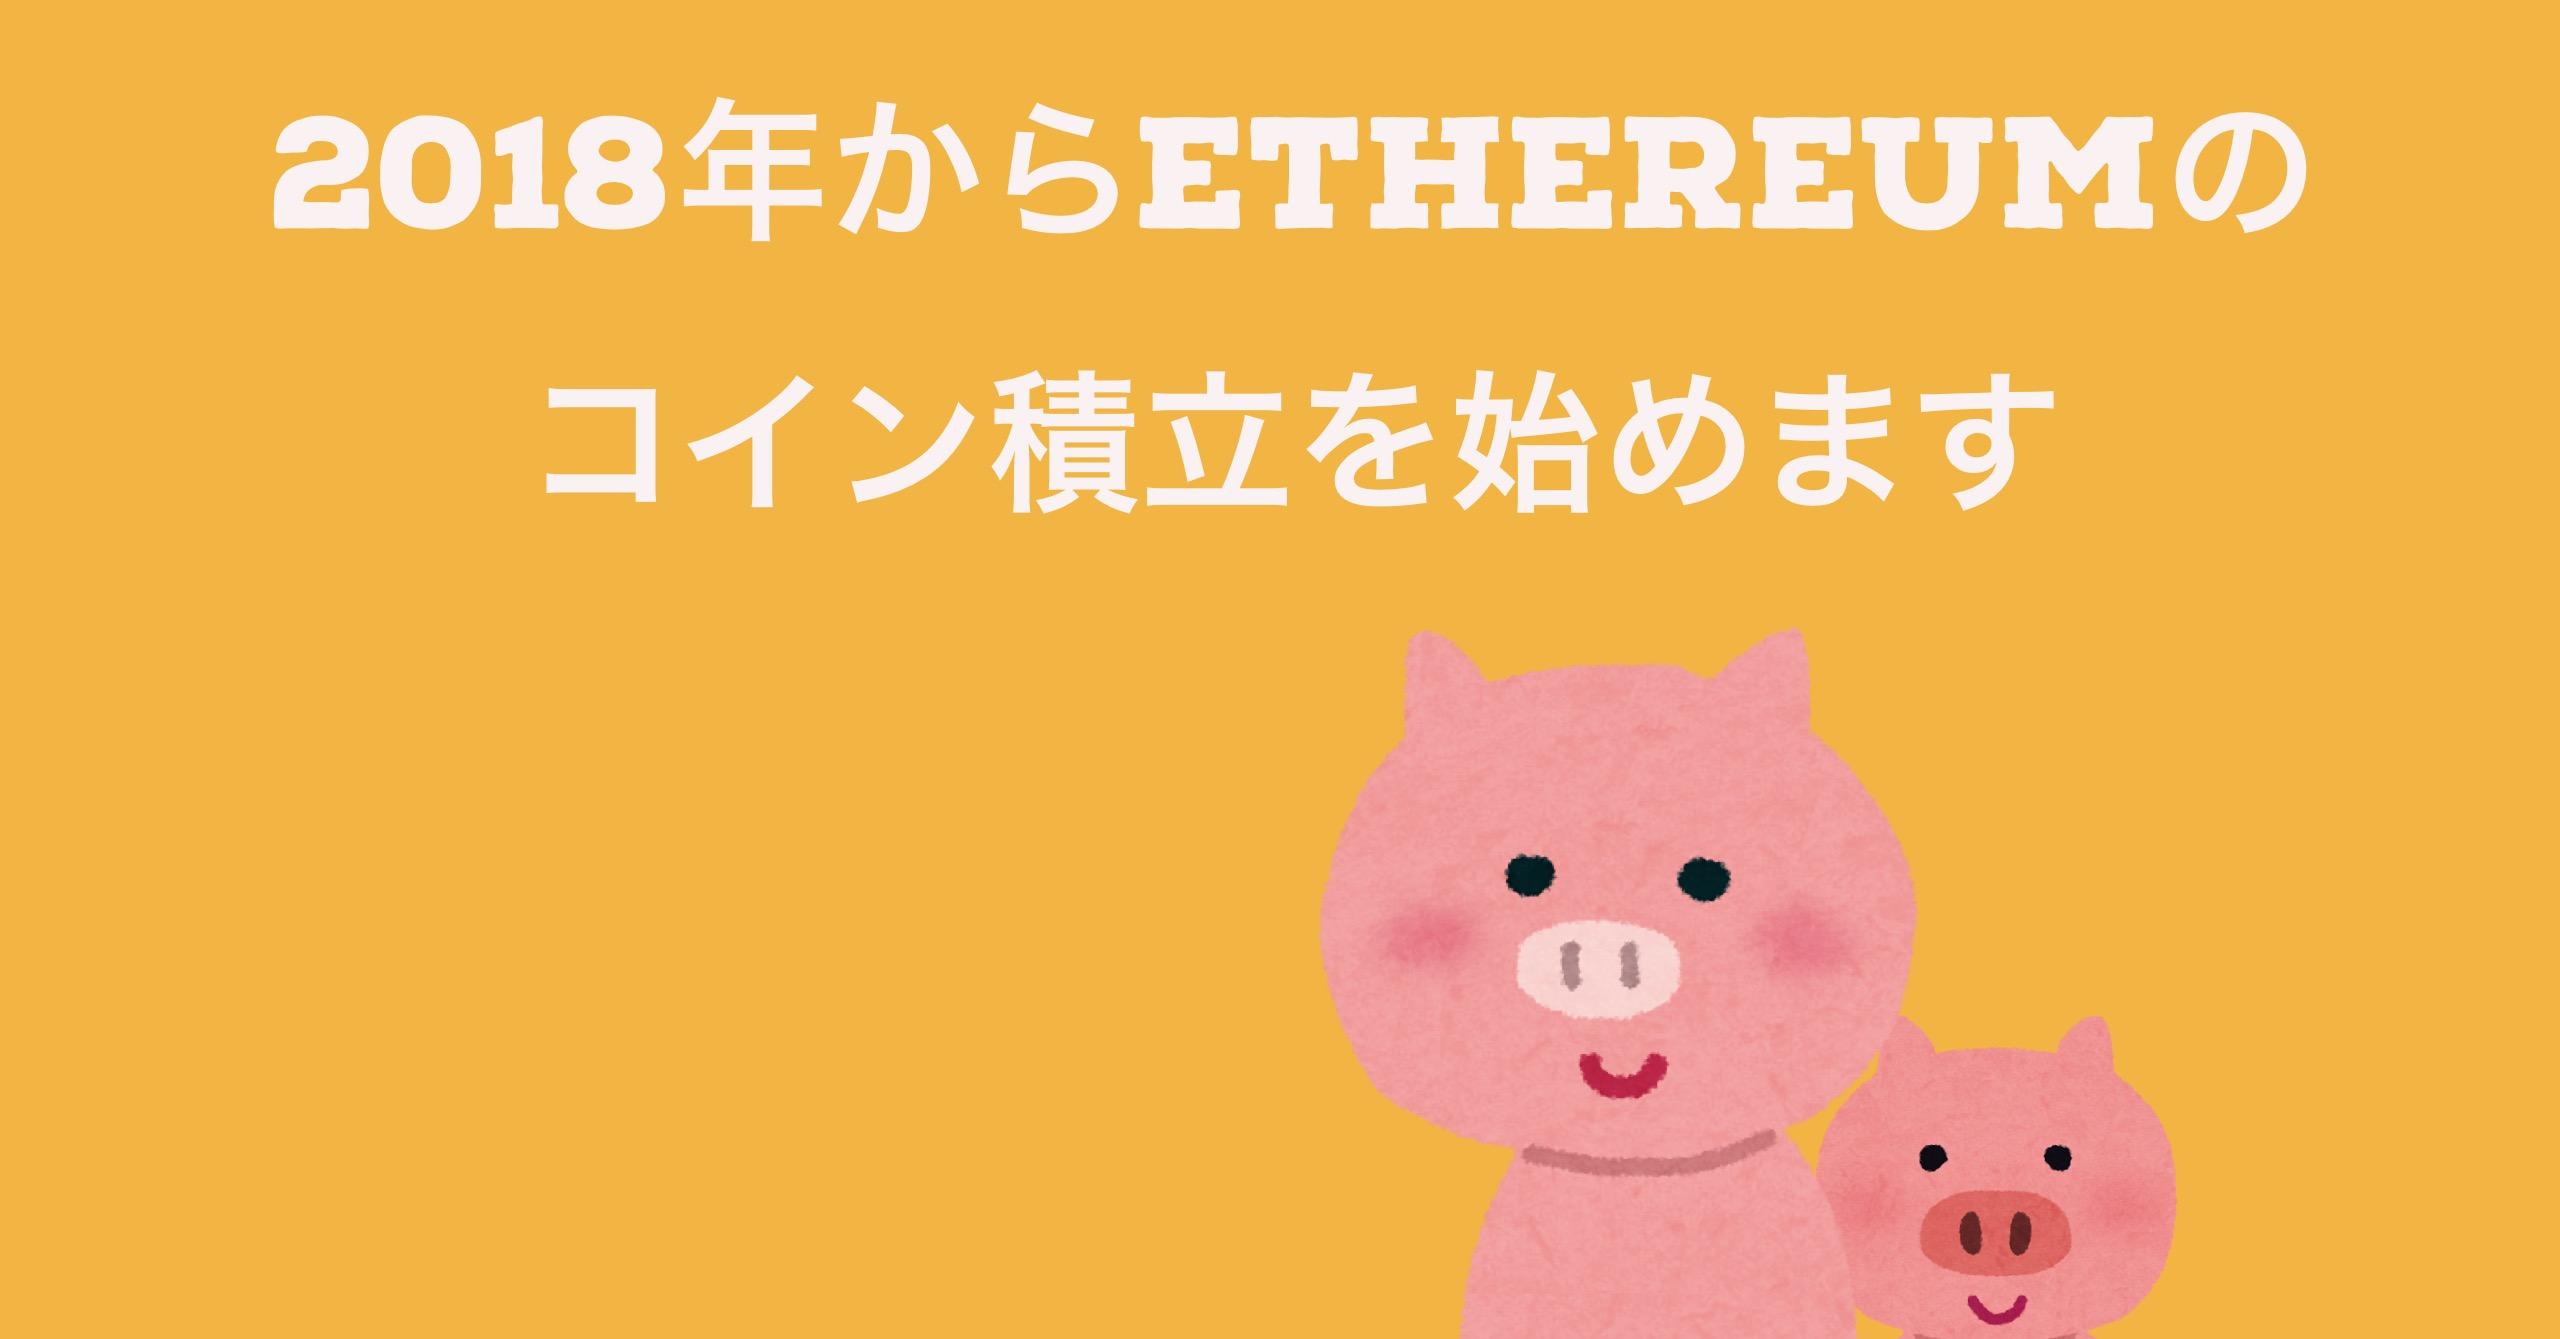 イーサリアムを『Zaifコイン積立』で毎月1万円投資します。…来年から。